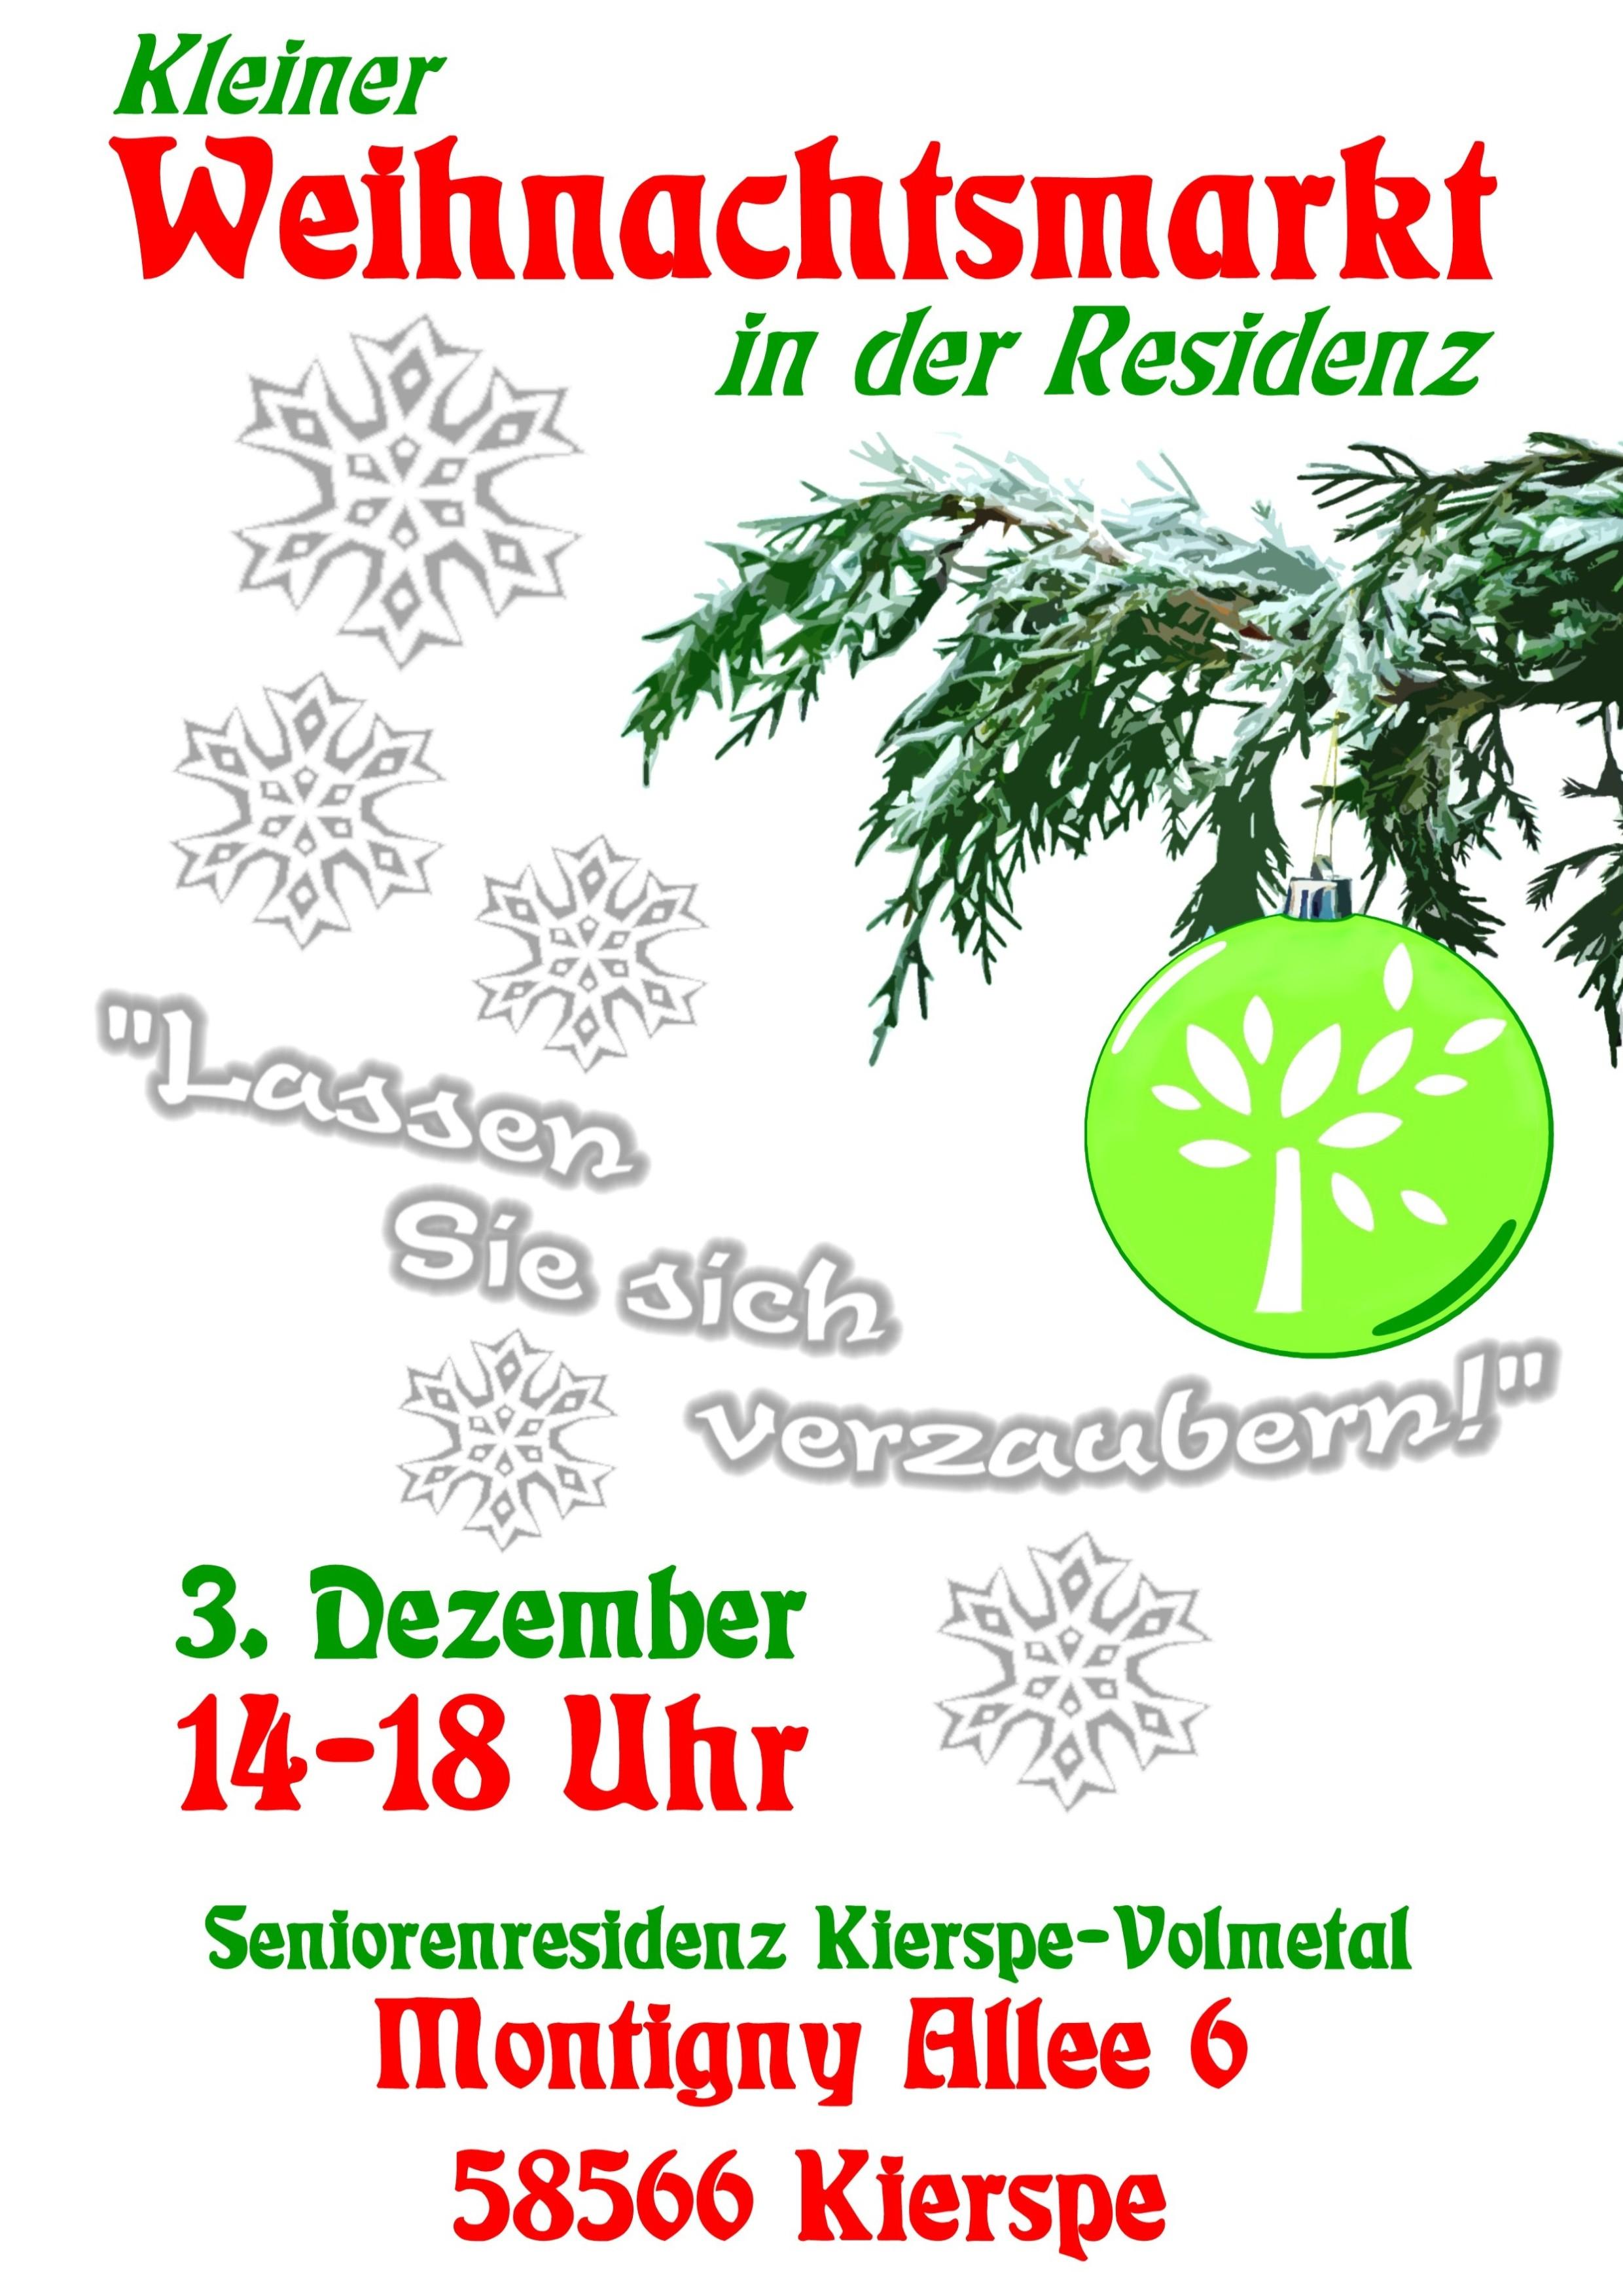 einladung zum weihnachtsmarkt in der residenz !, Einladungen